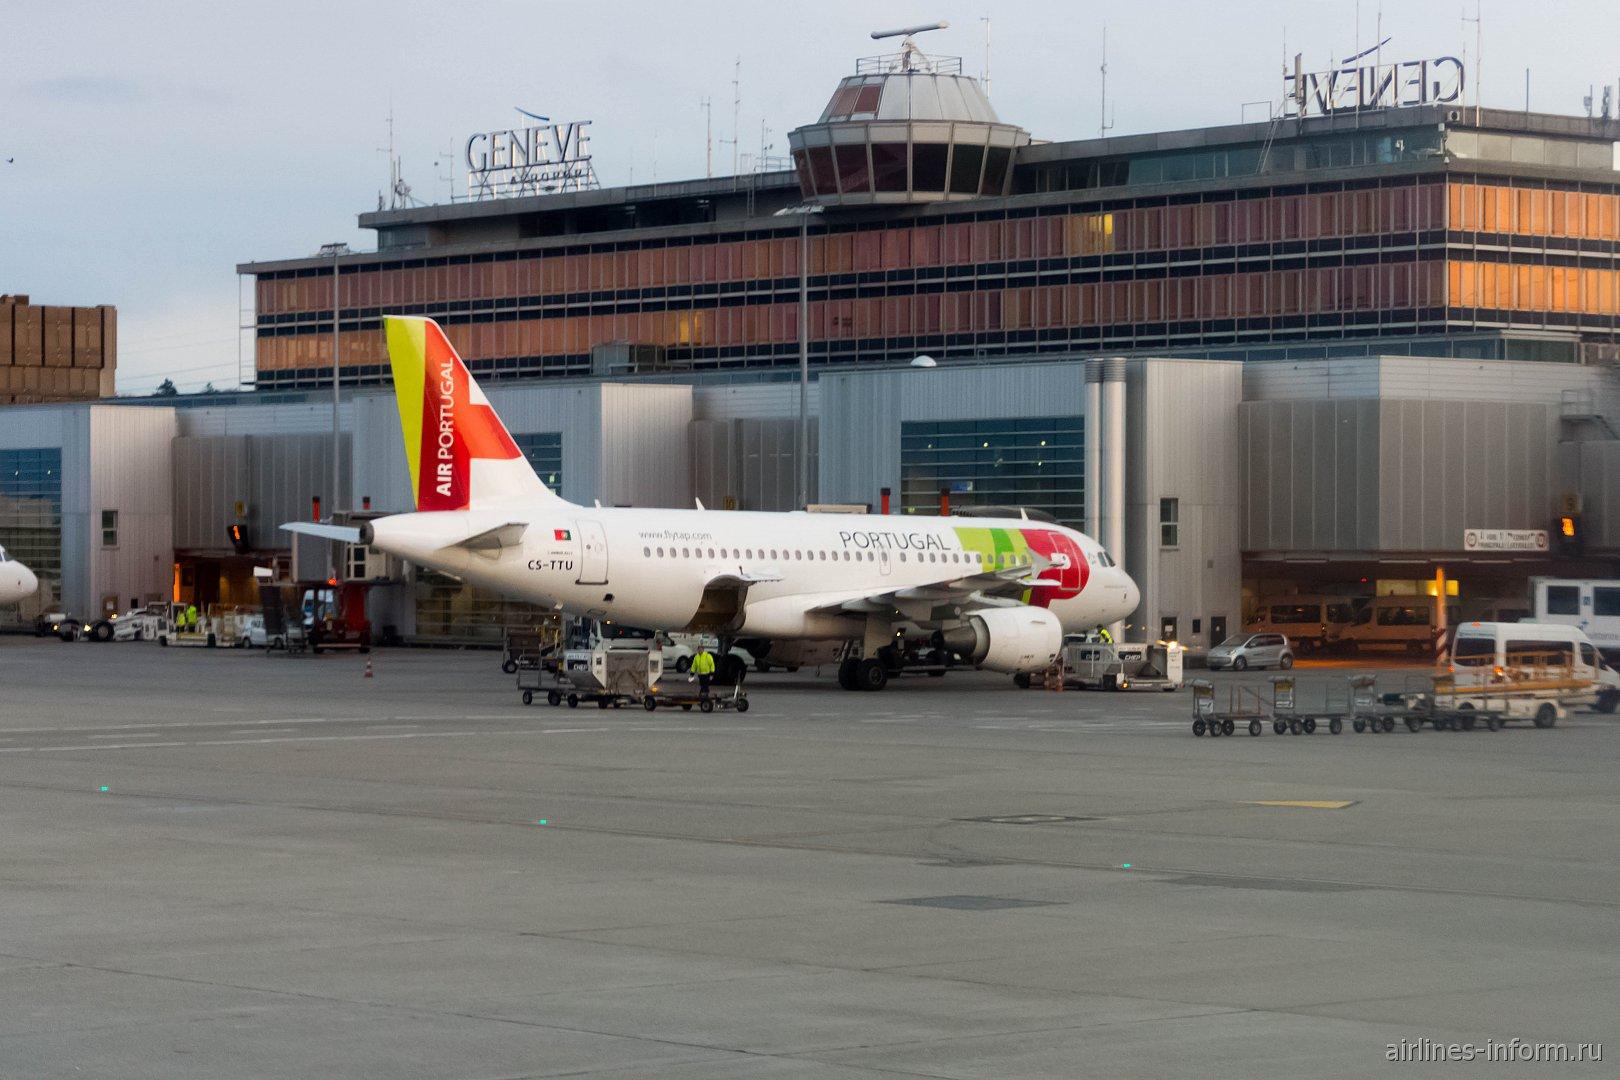 Центральное здание и диспетчерская вышка в аэропорту Женева